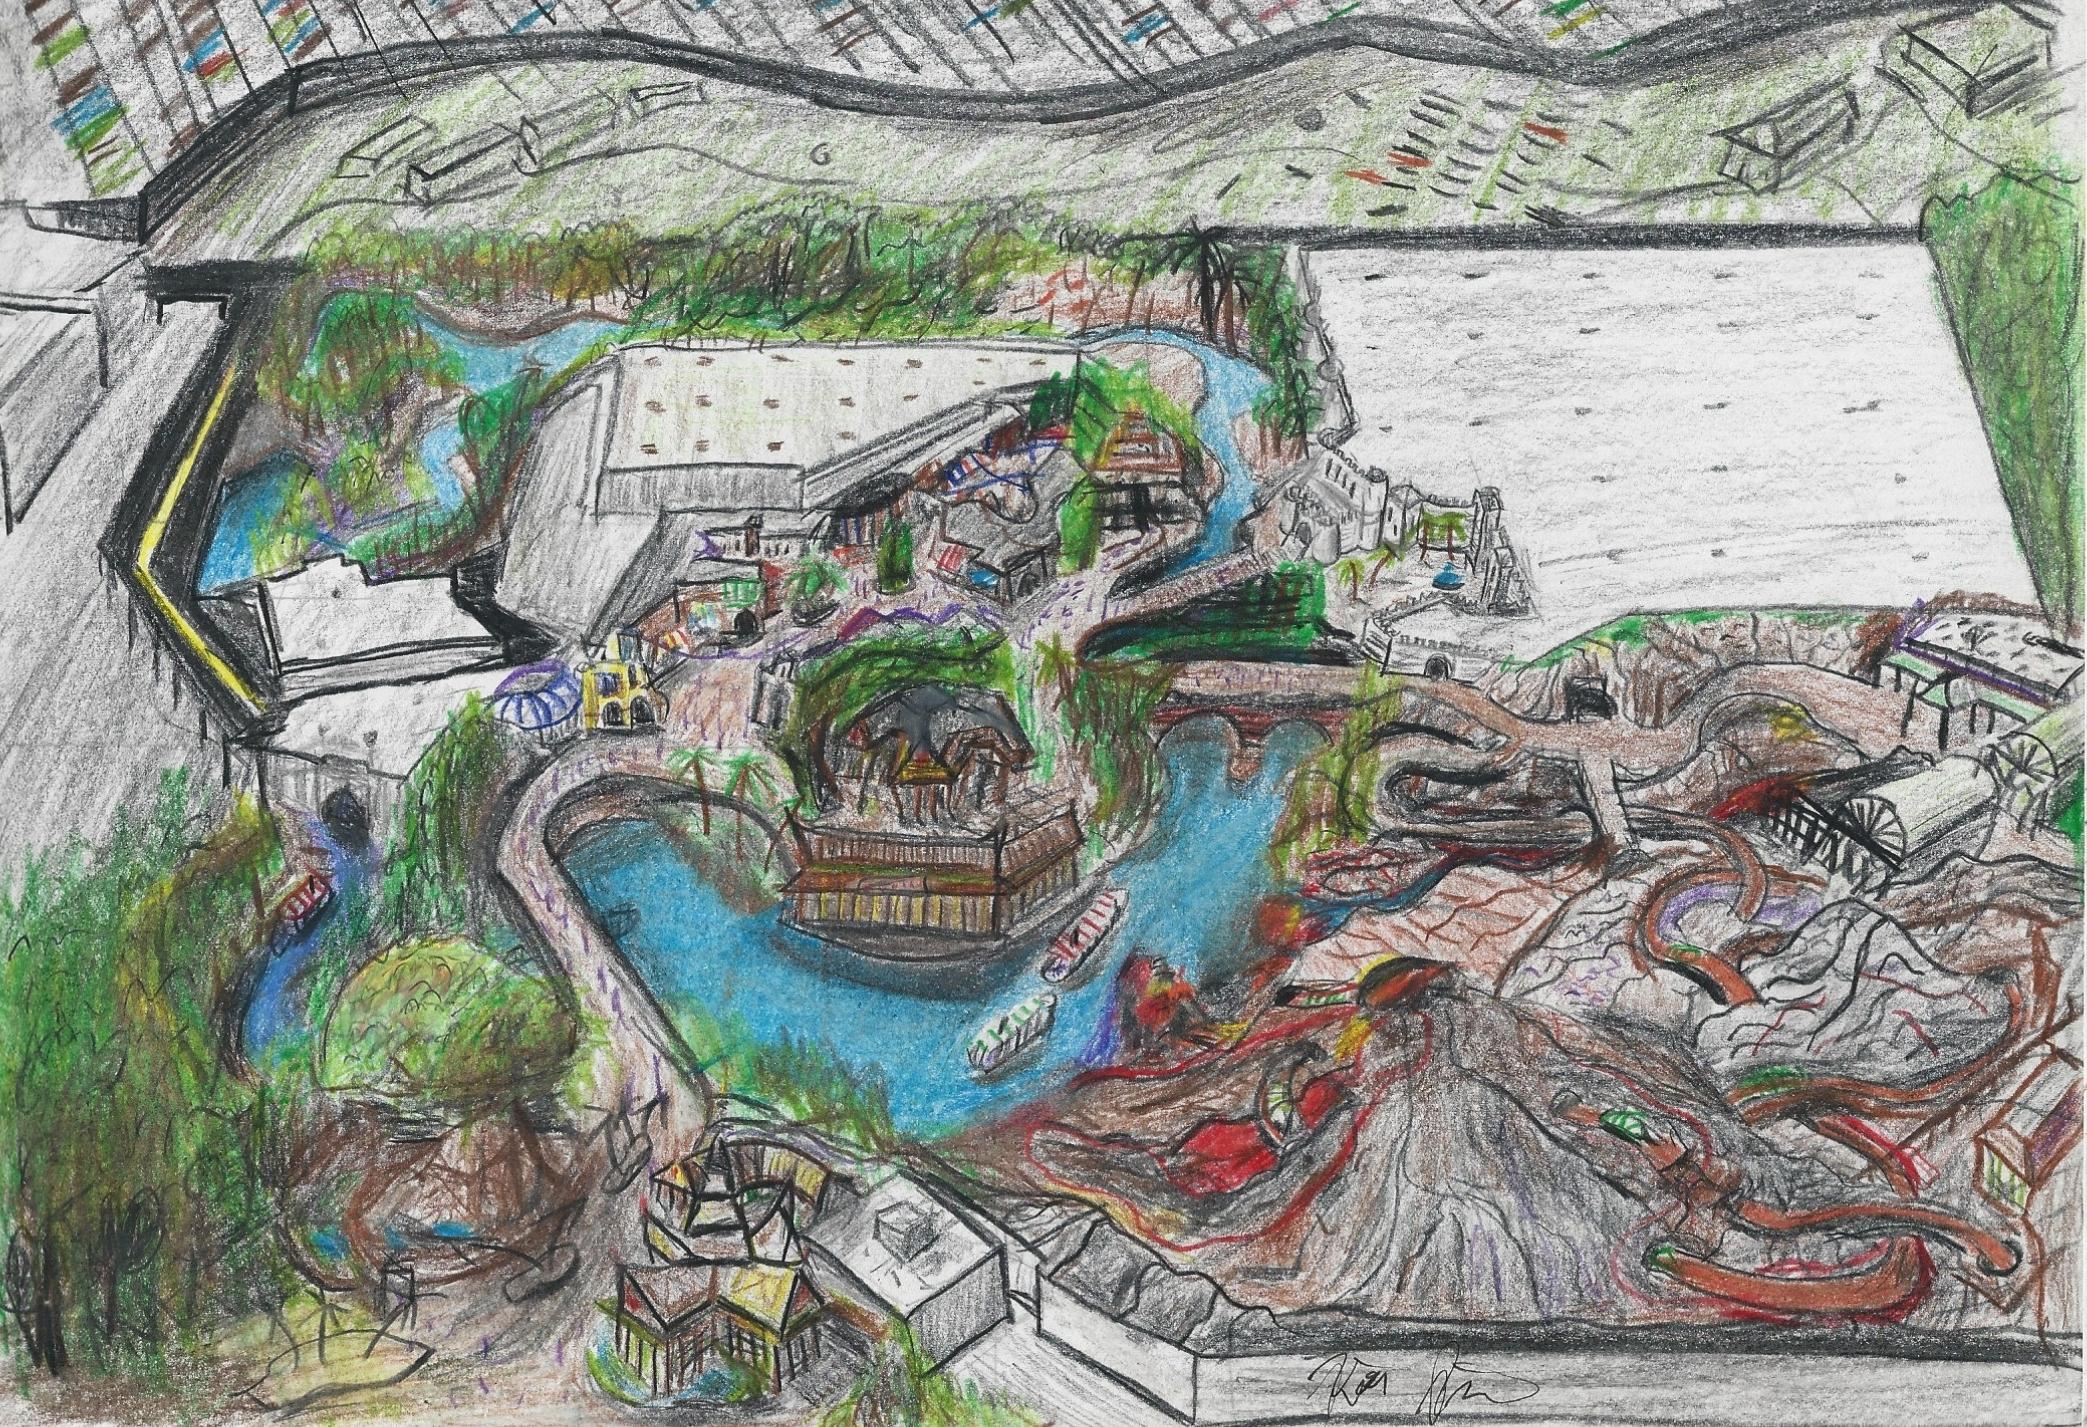 Adventureland Theme Park Concepts